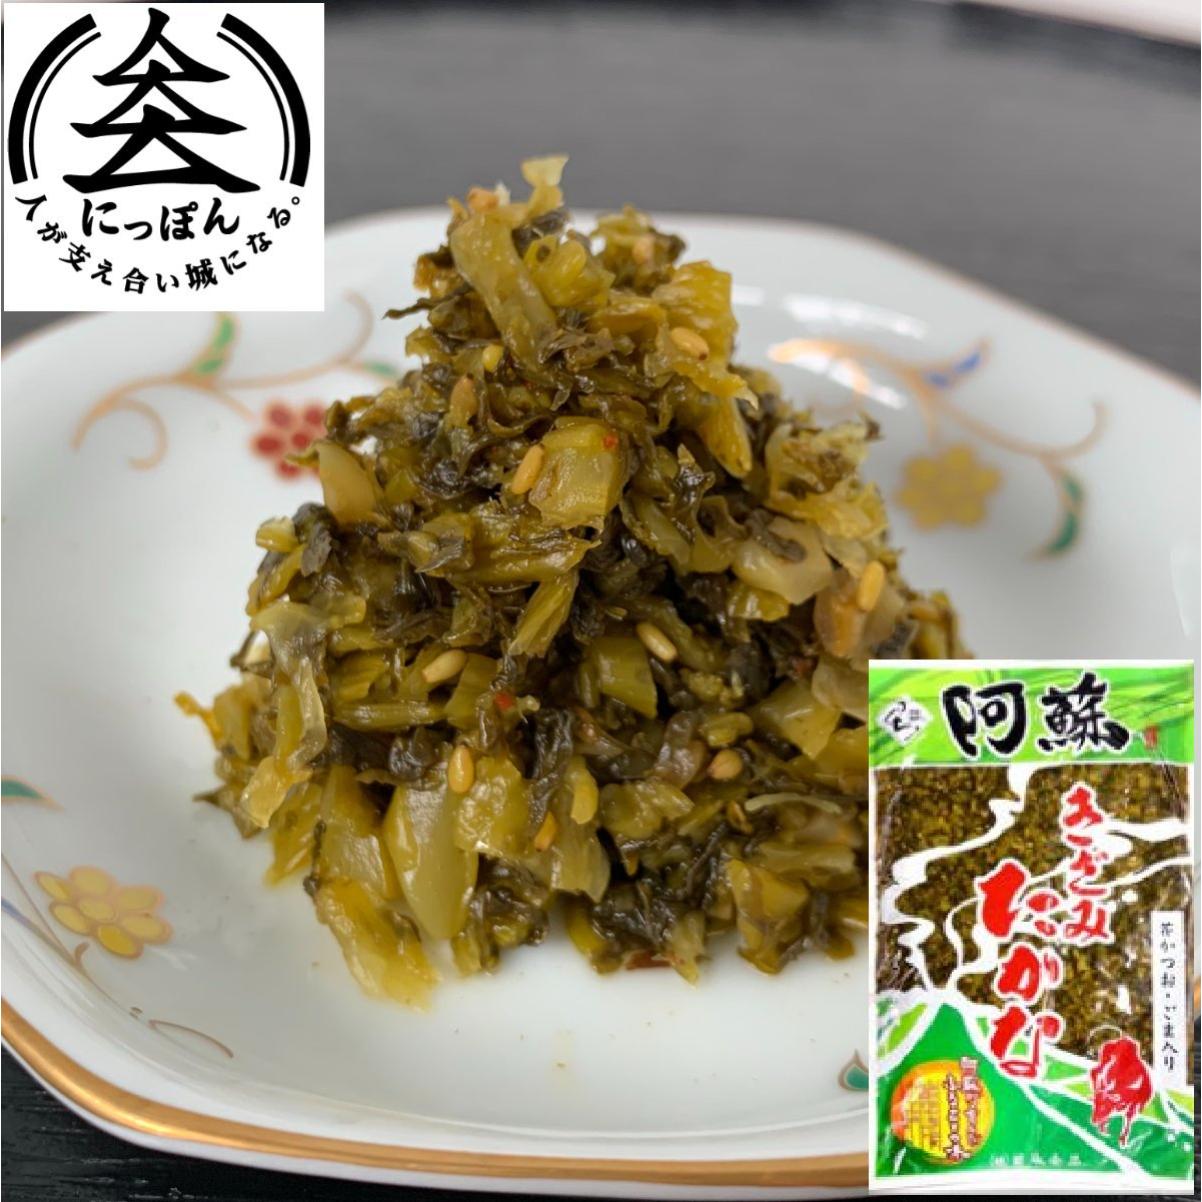 阿蘇たかなを細かく刻み、花かつおとごまをまぶした、風味豊かな一品 九州熊本の逸品 阿蘇高菜漬け きざみたかな 300g 伝統の製法にこだわり続ける阿蘇の老舗たかな菊池食品 阿蘇たかな漬け・熊本・お土産・ご当地・ご飯のお供